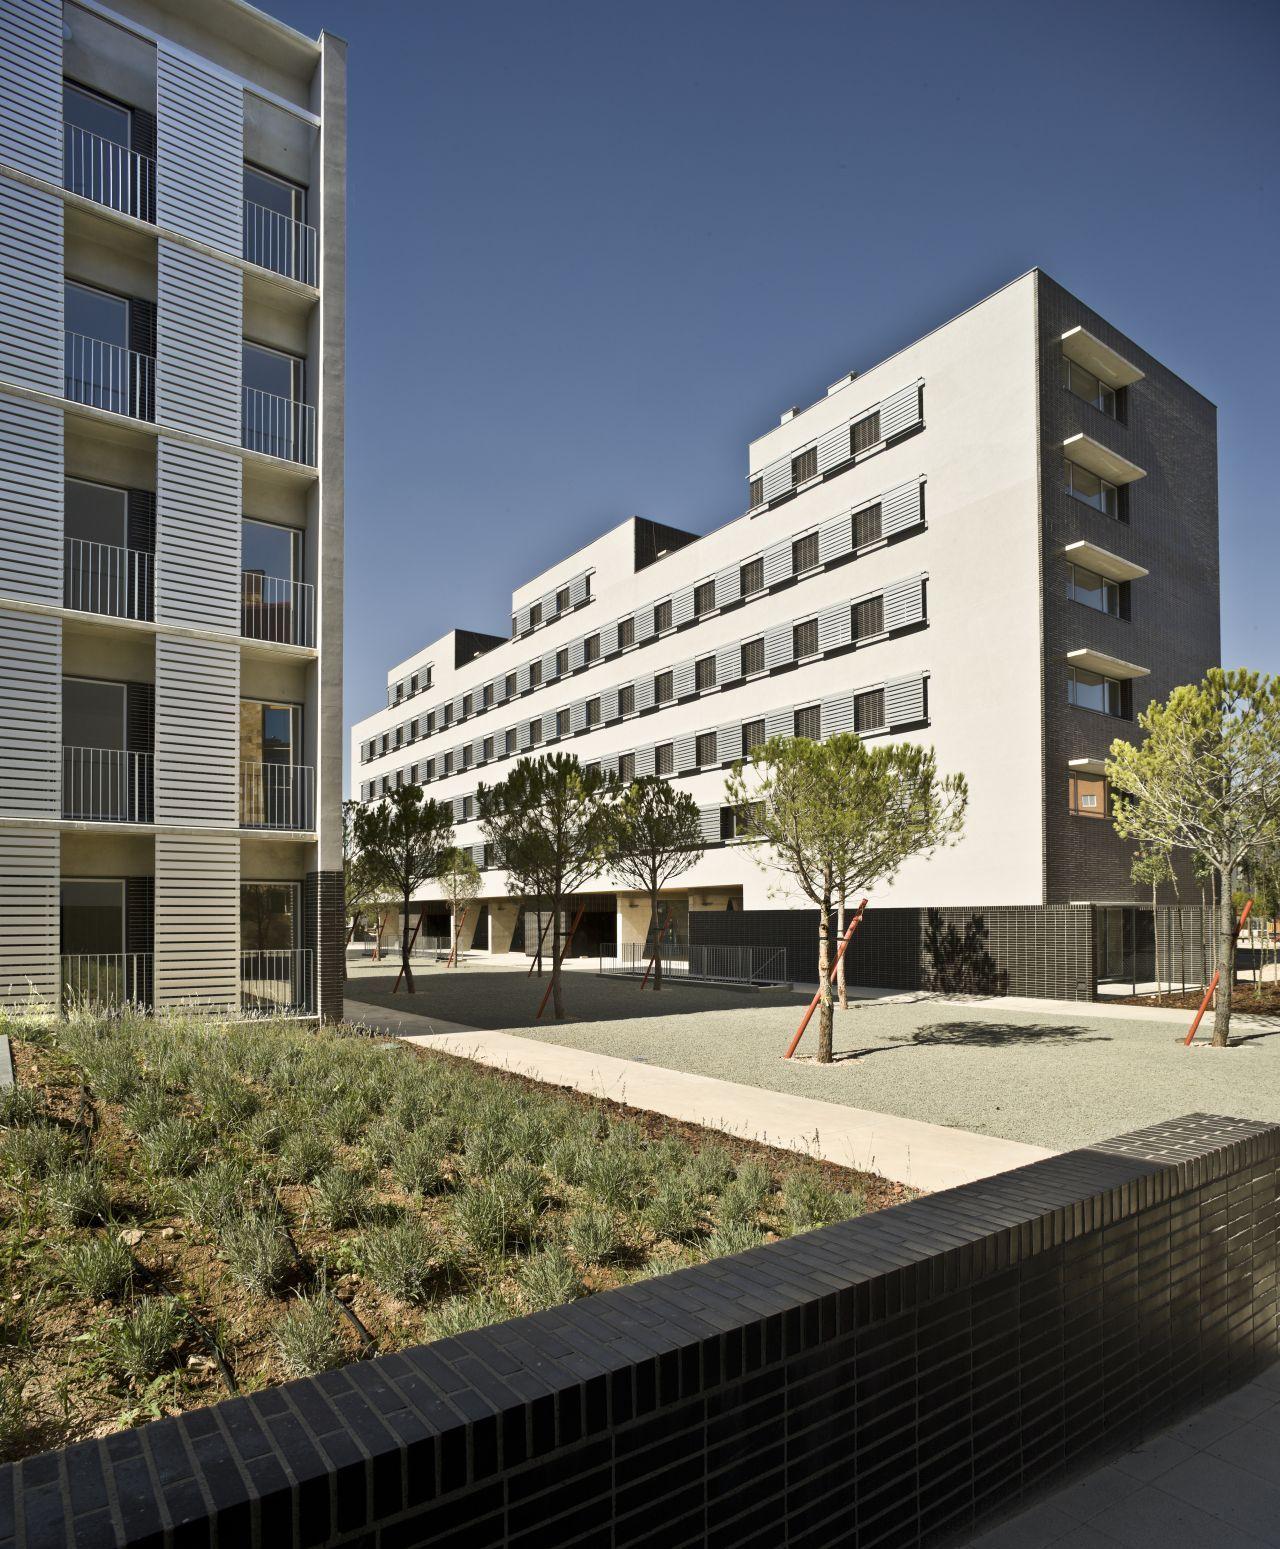 Conjunto Habitacional em Albacete / Burgos & Garrido arquitectos, © Ángel Baltanás